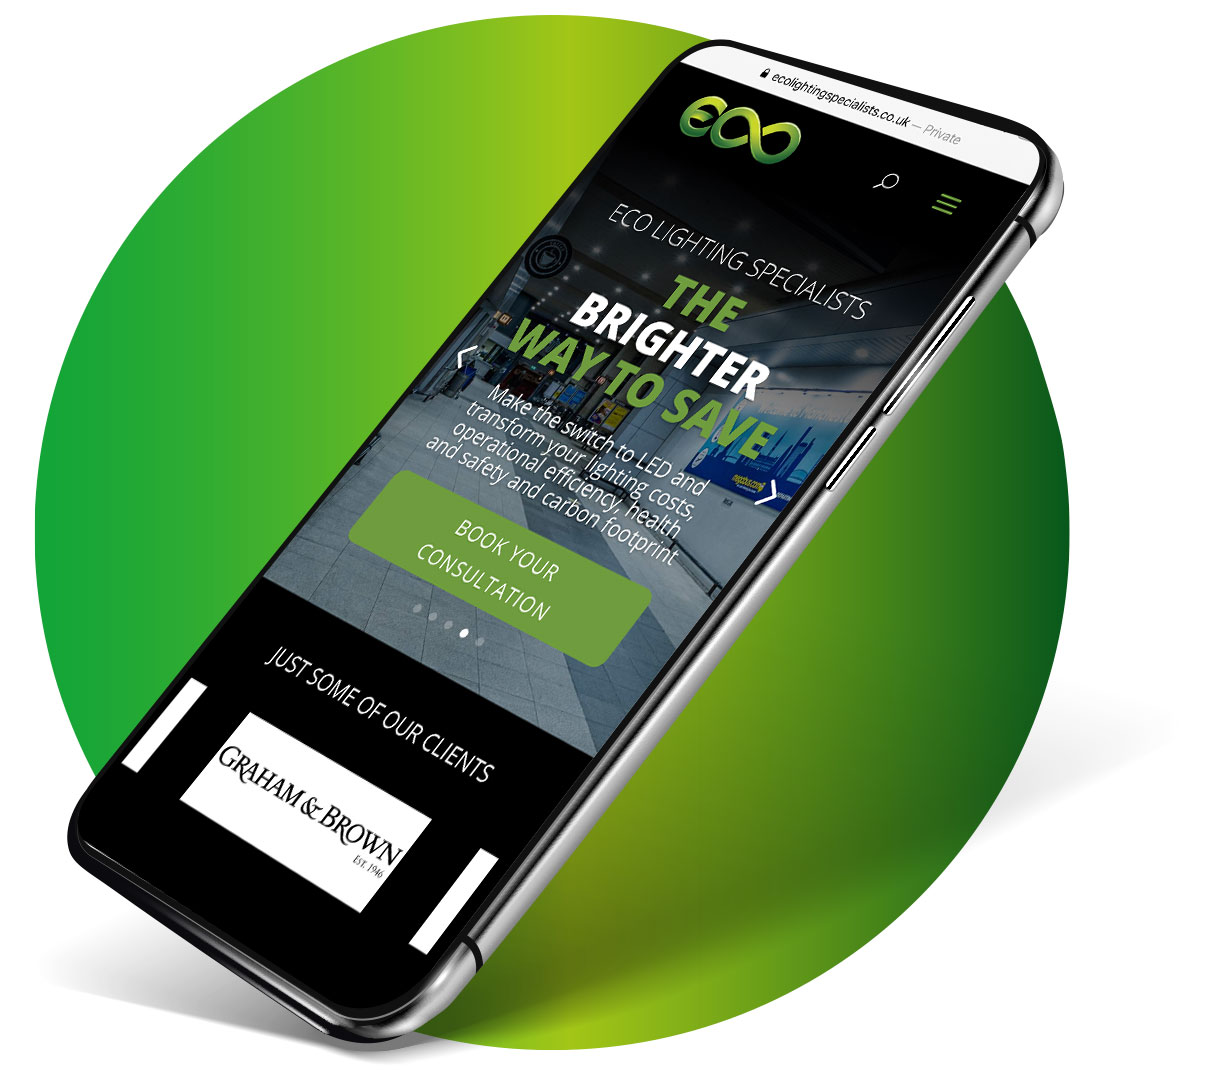 Eco website mobile mockup